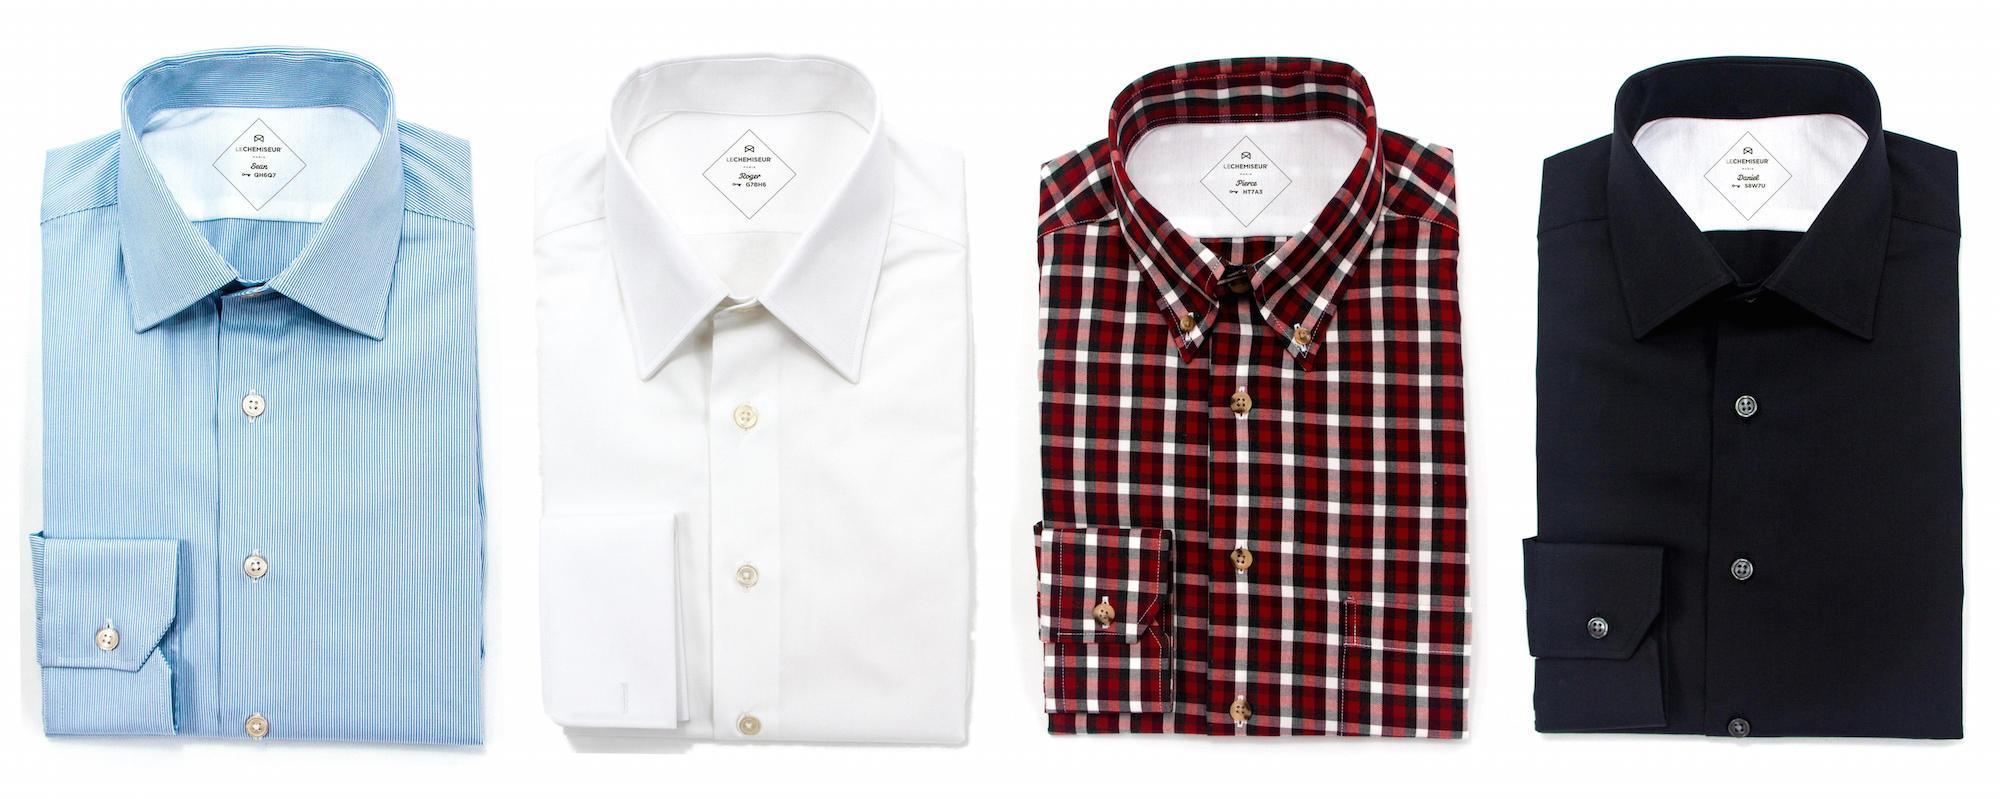 Chemises sur mesure bleue blanc rouge noire